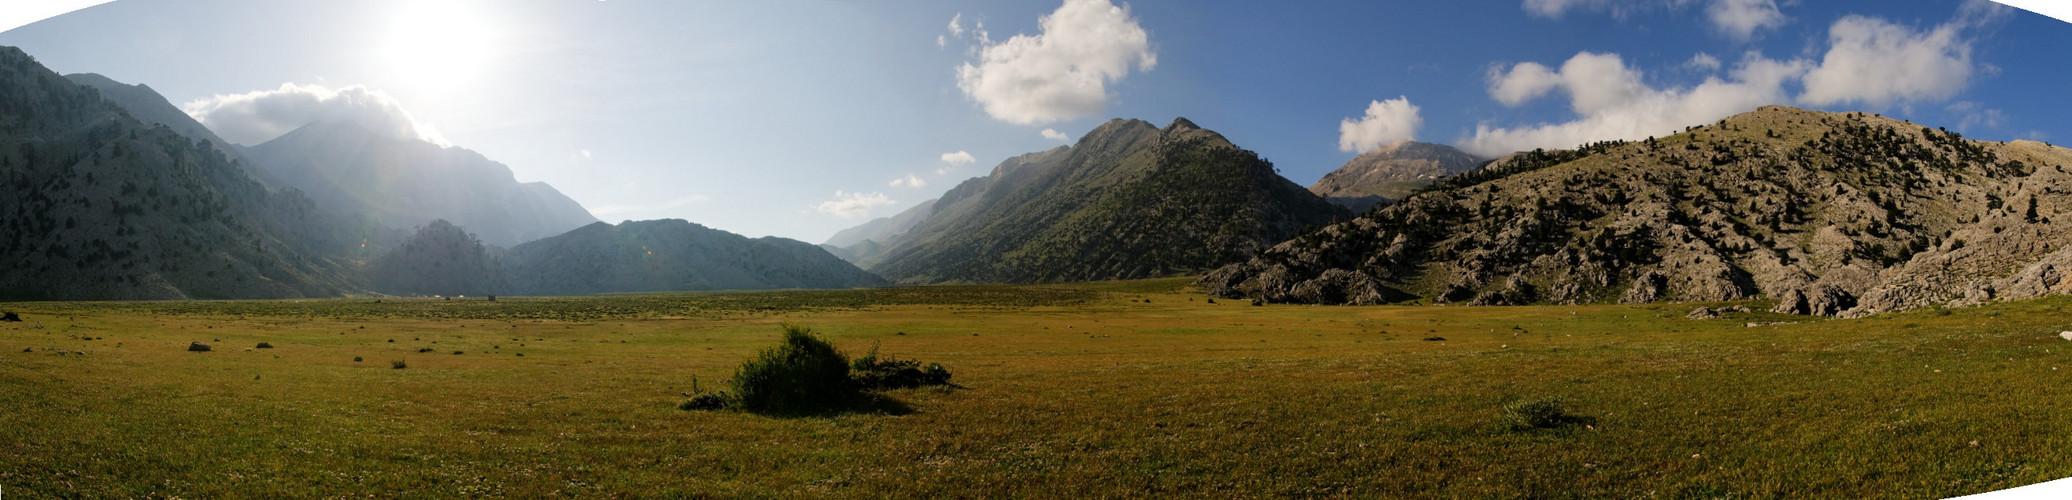 Sommerweide im Taurus - Kuruca Yayla nahe Gündogmus